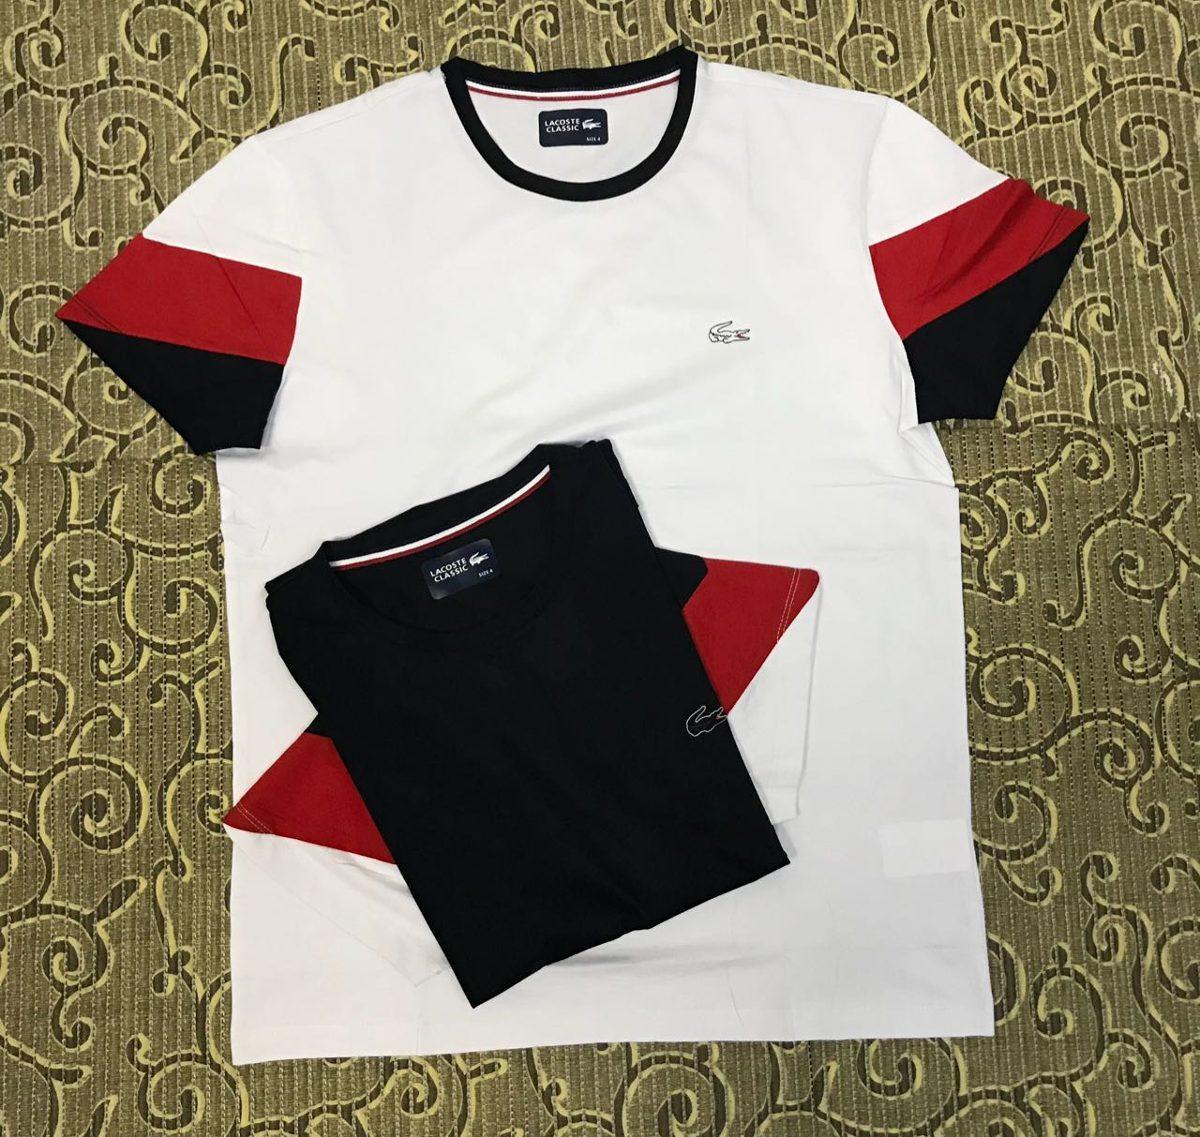 8a8c2a3bb07 camiseta lacoste sport original 2018. Carregando zoom.